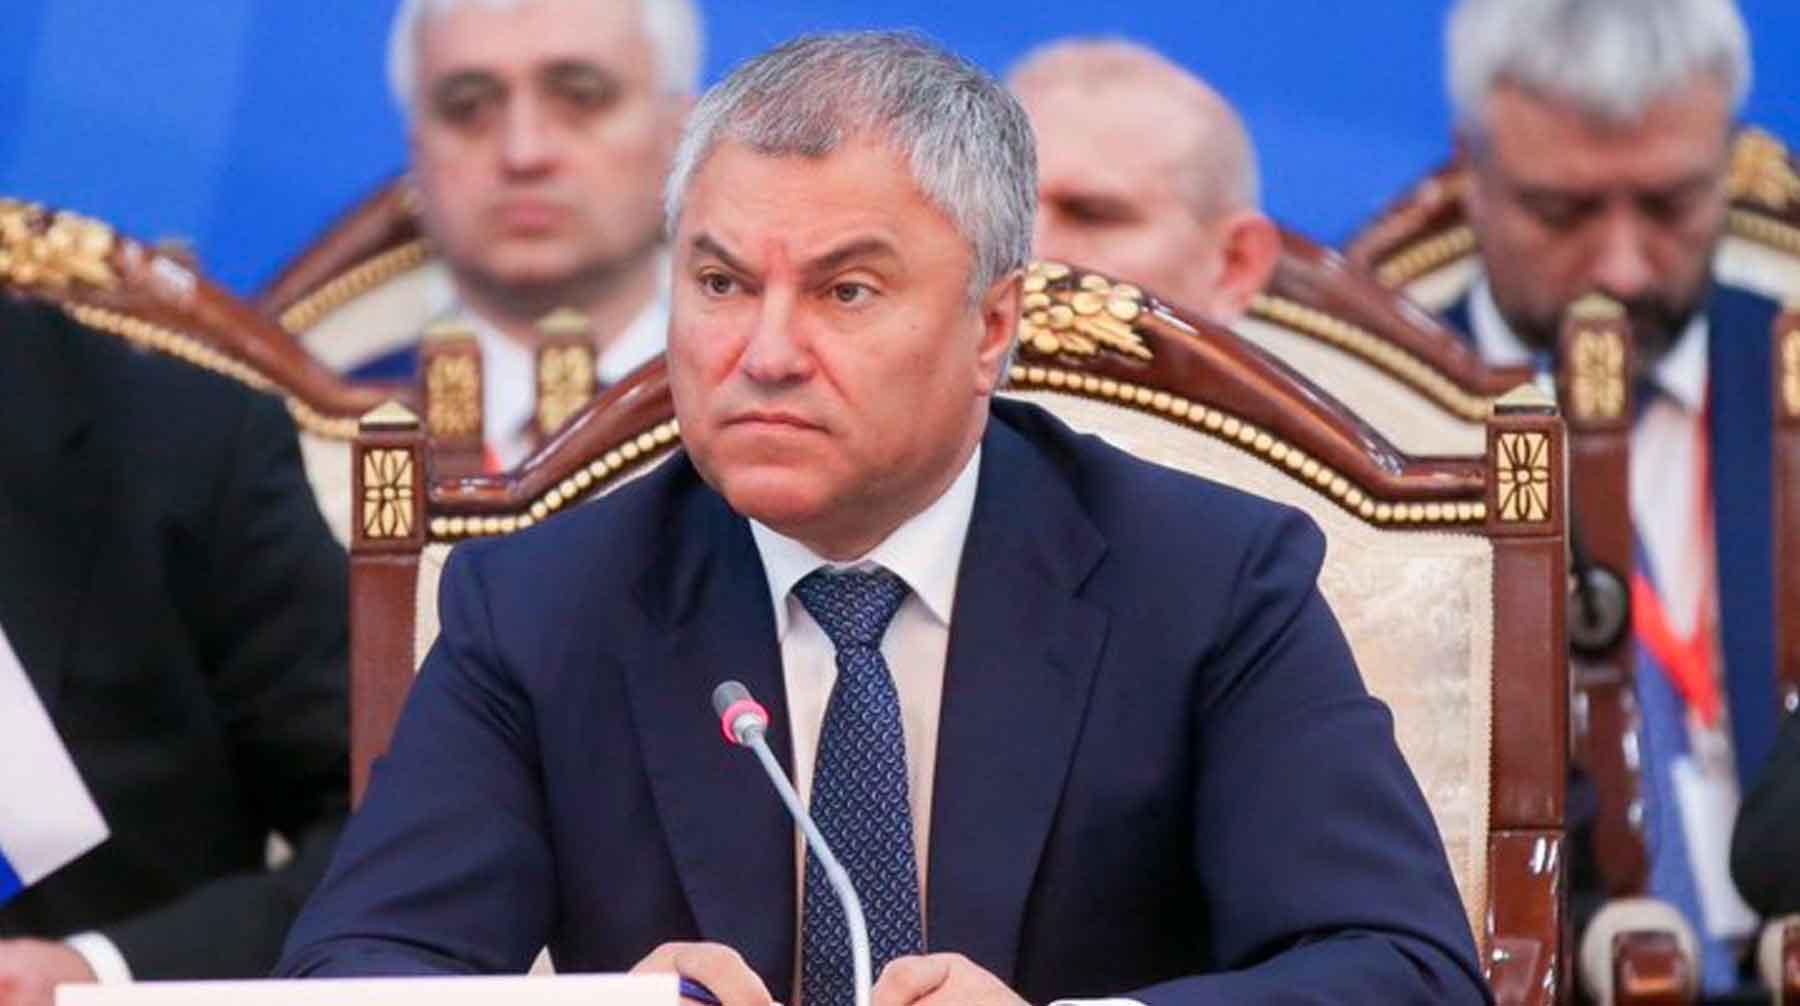 590af6342b2f Госдума приняла в первом чтении законопроект, касающийся предоставления  российского гражданства